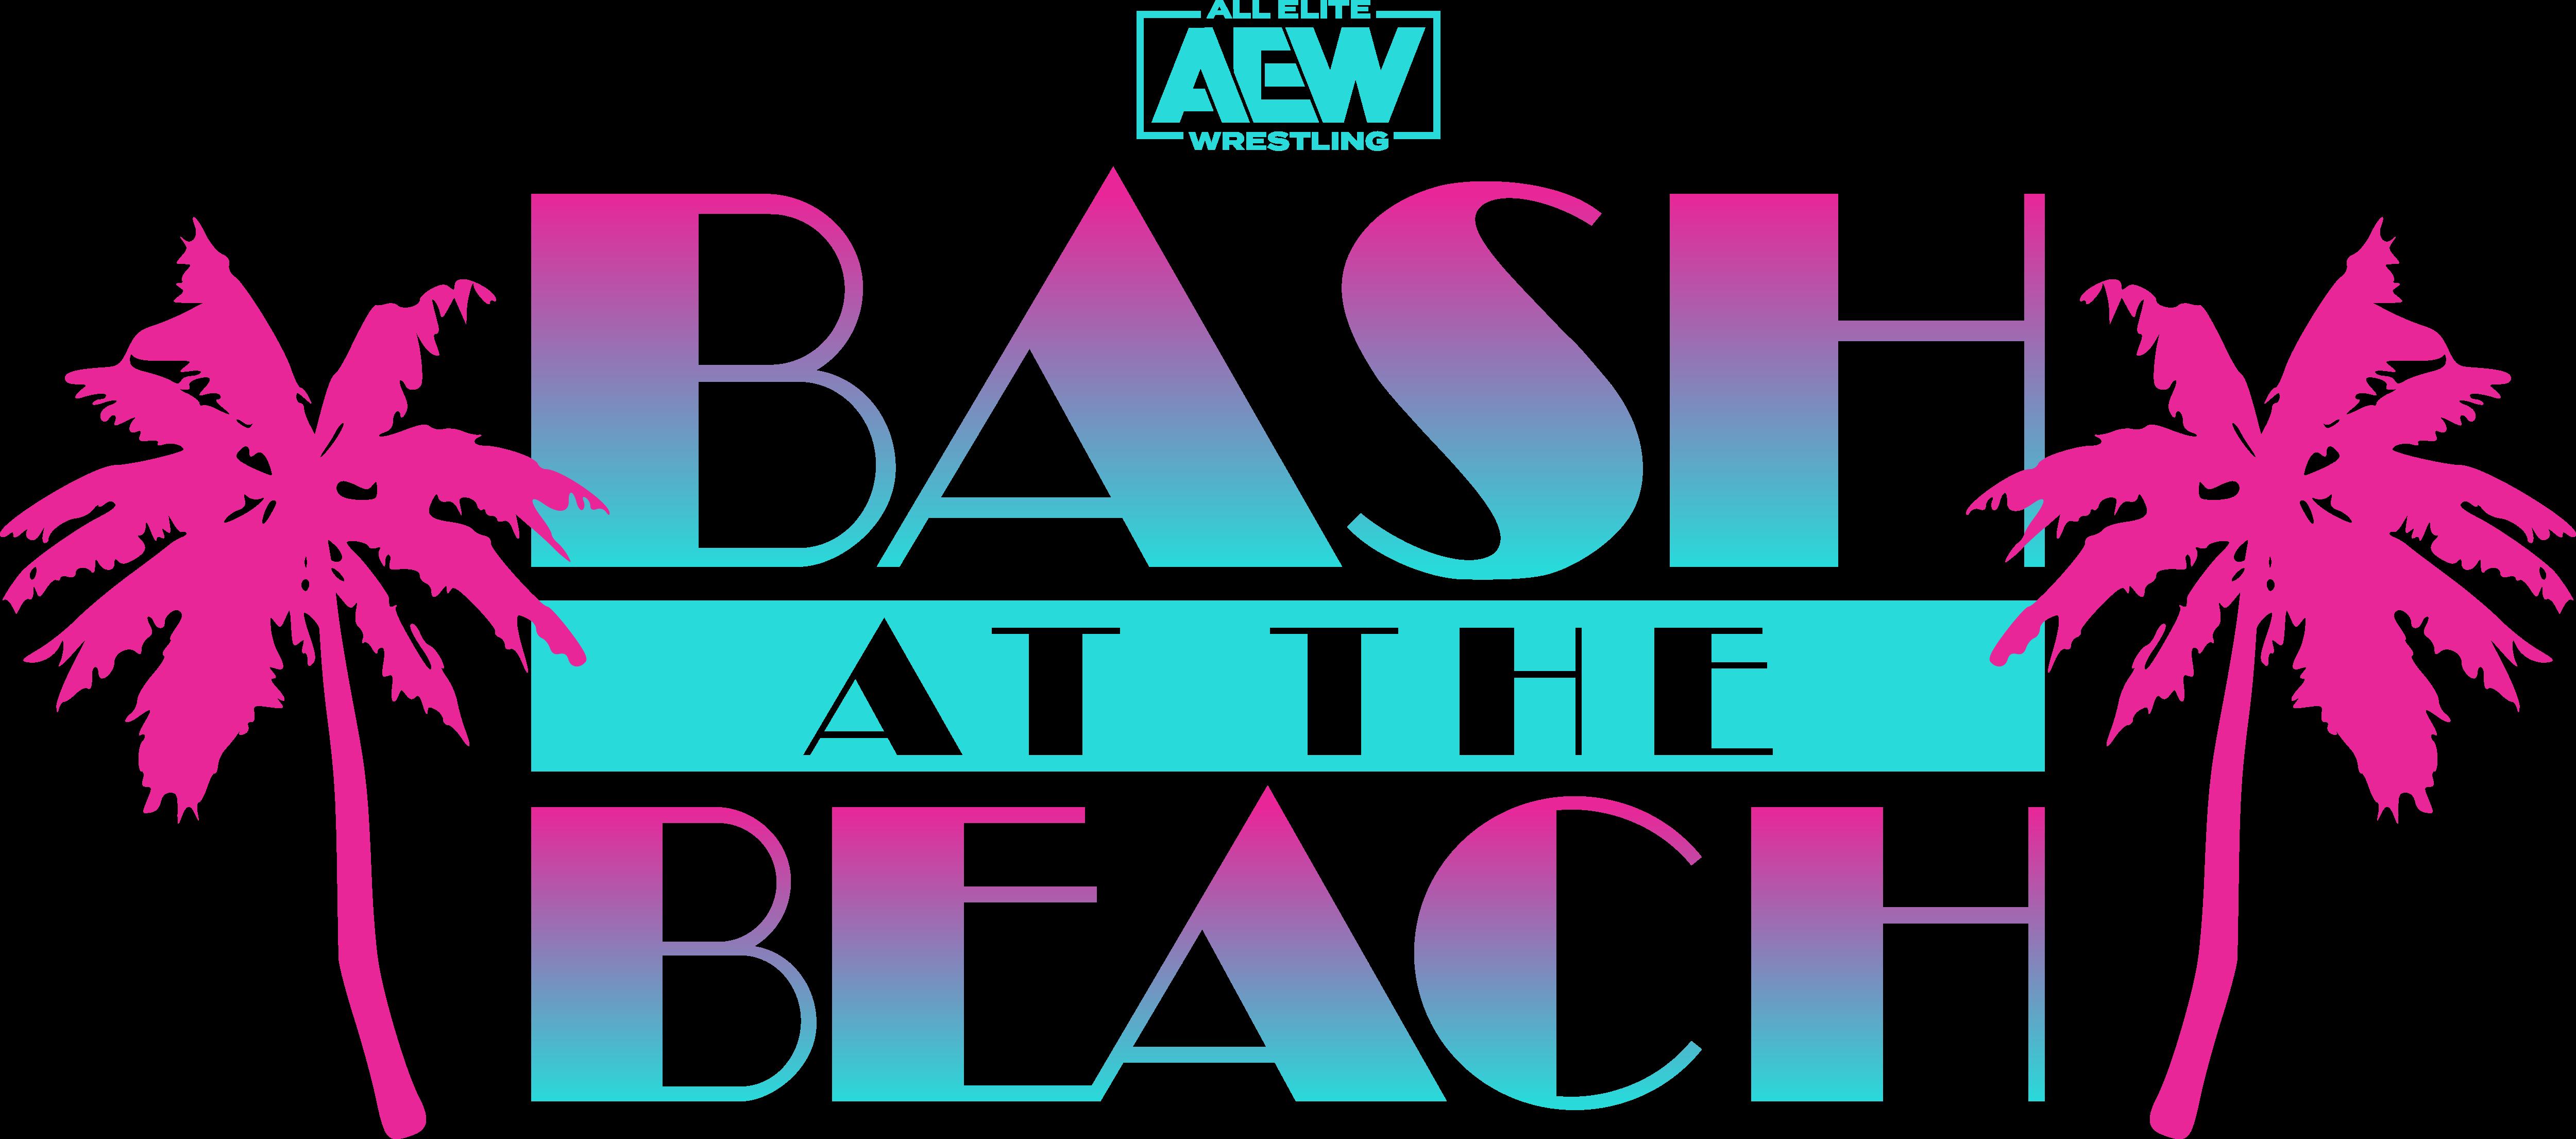 AEW Bash at the Beach